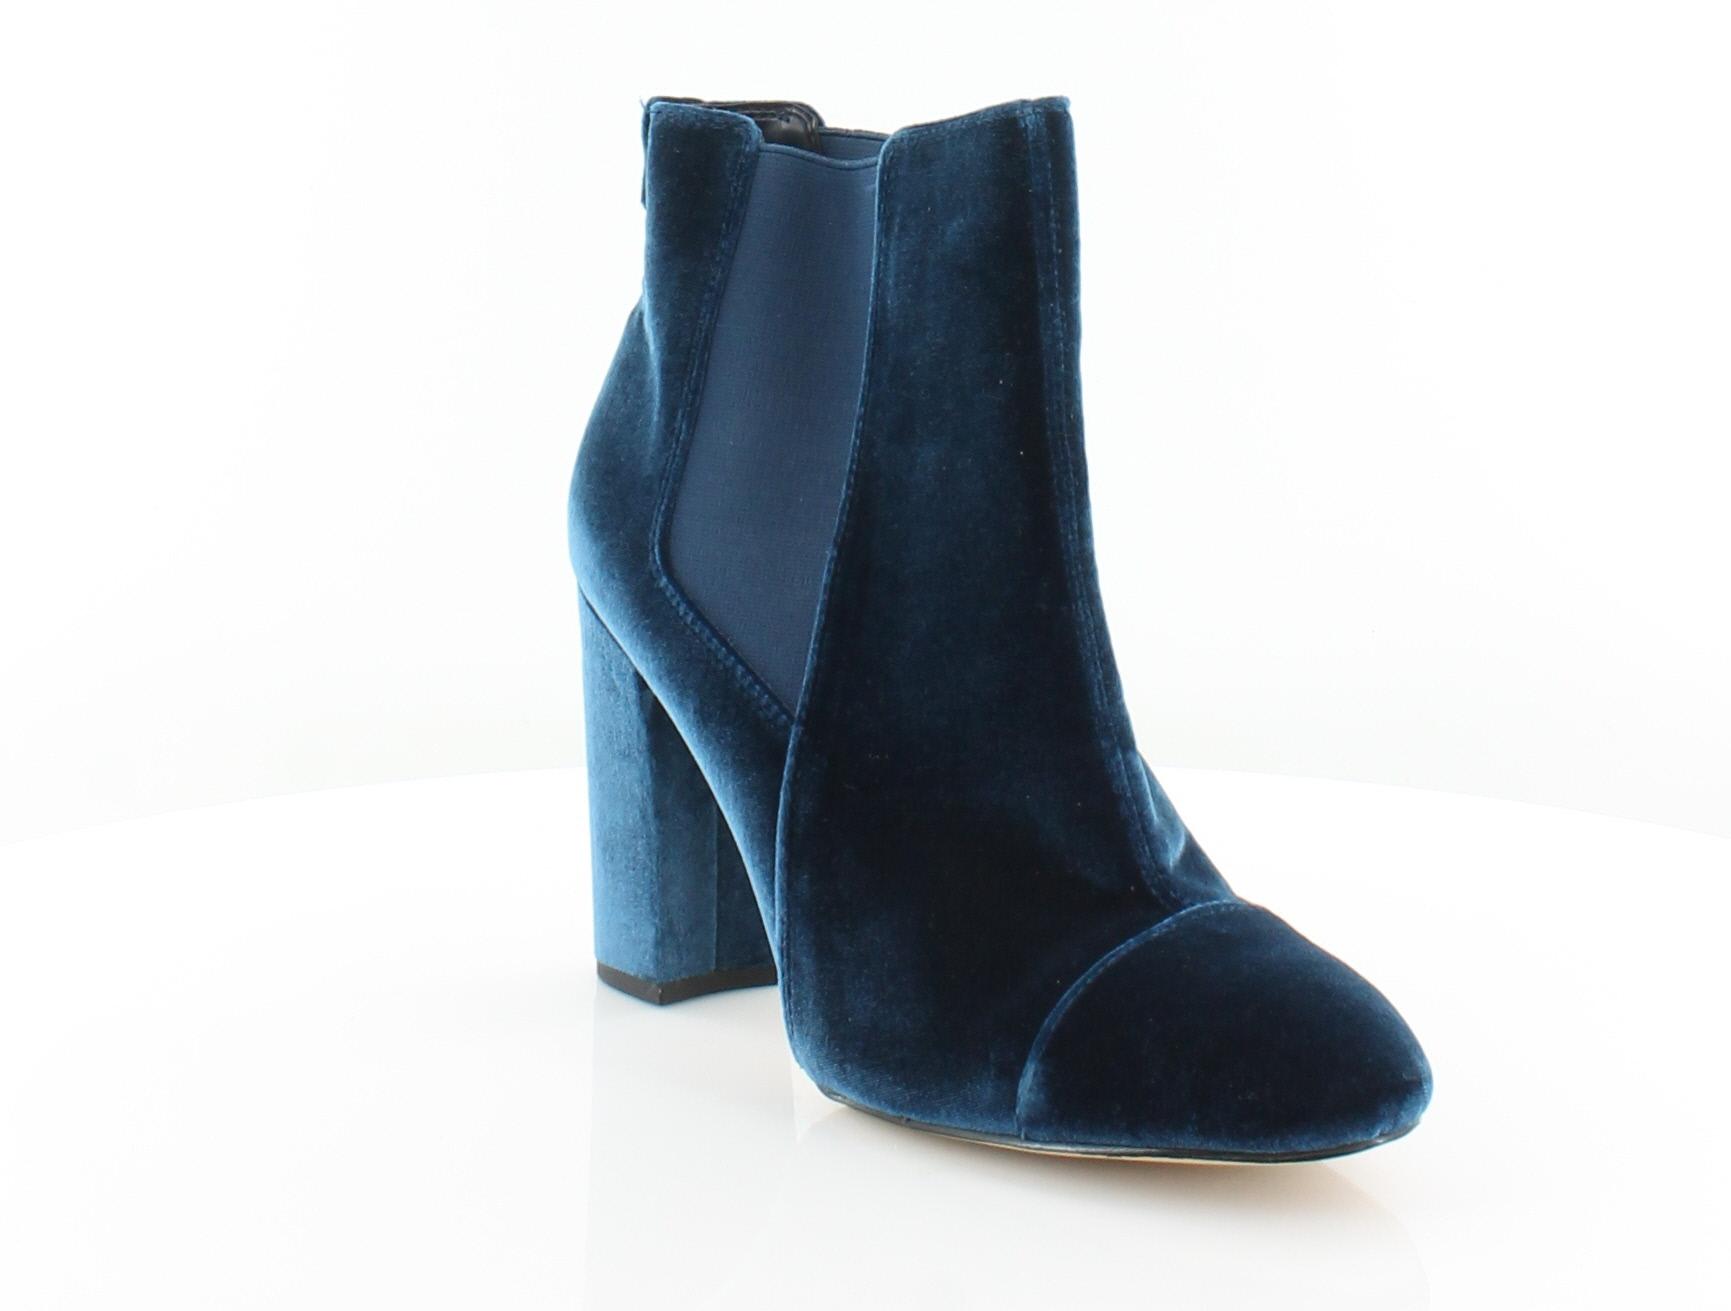 c2907ea351d Sam Edelman Case Blue Womens Shoes Size 9 M Boots MSRP  150 ...